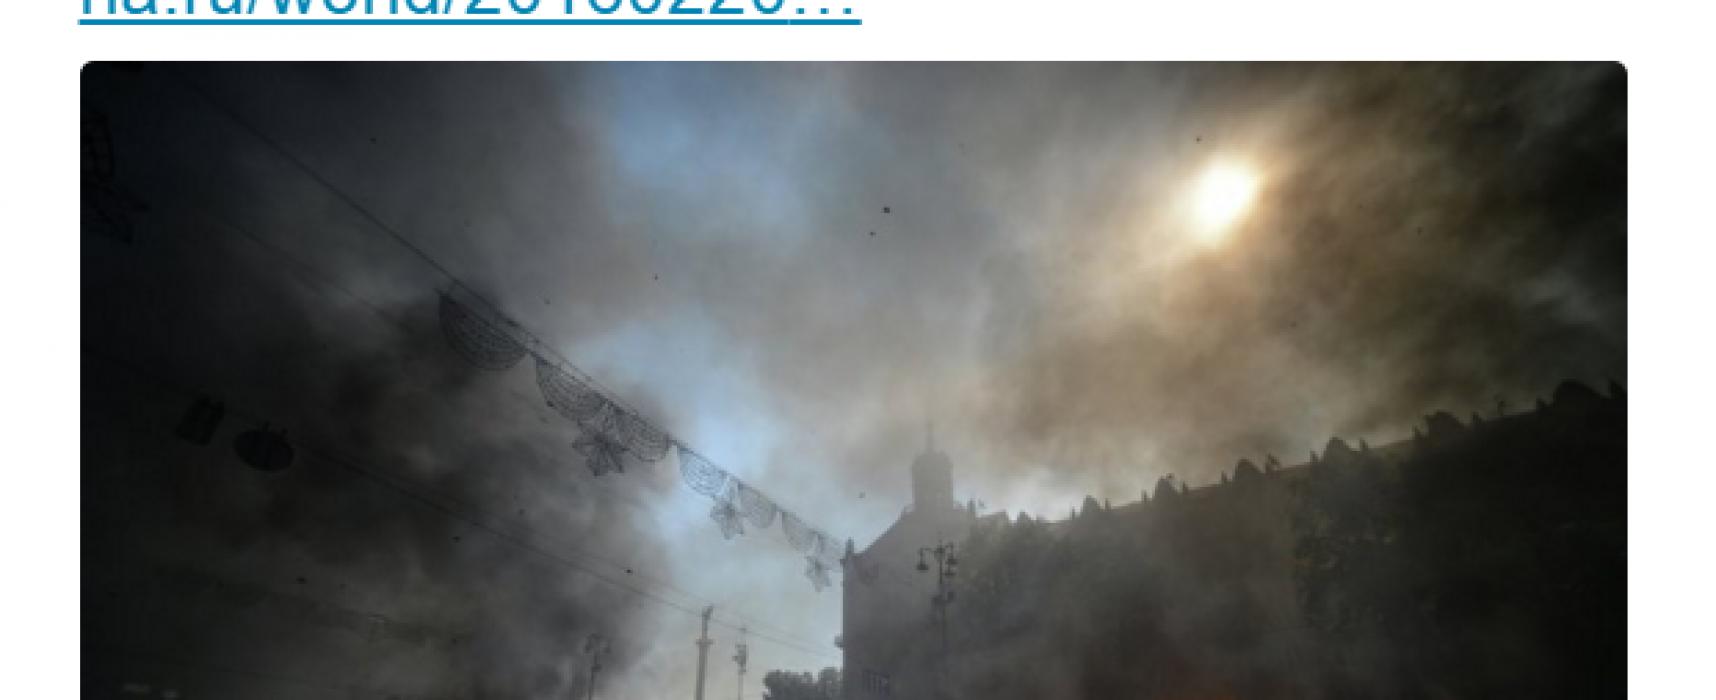 La prensa rusa inventó una nueva revolución en Ucrania con 67 asesinados